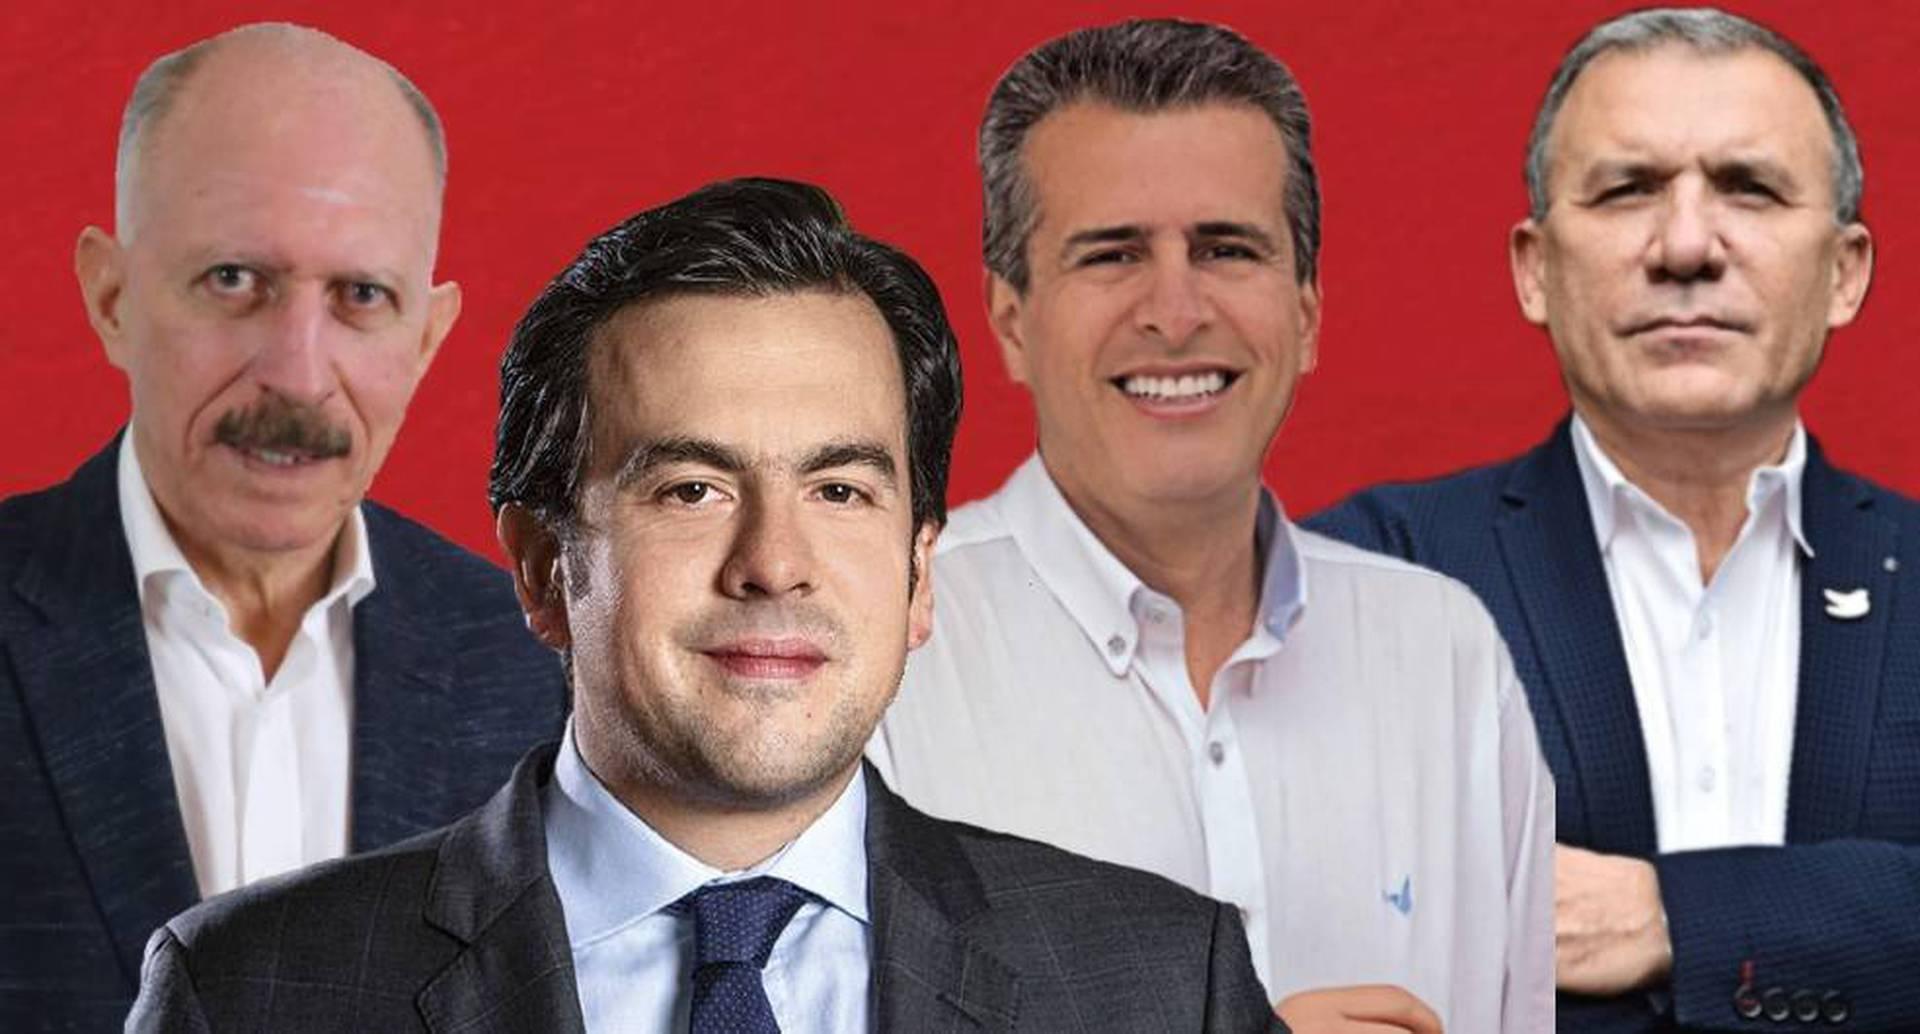 """Los integrantes de la nueva bancada de """"los socialdemócratas"""" buscan alejarse de los extremos ideológicos."""